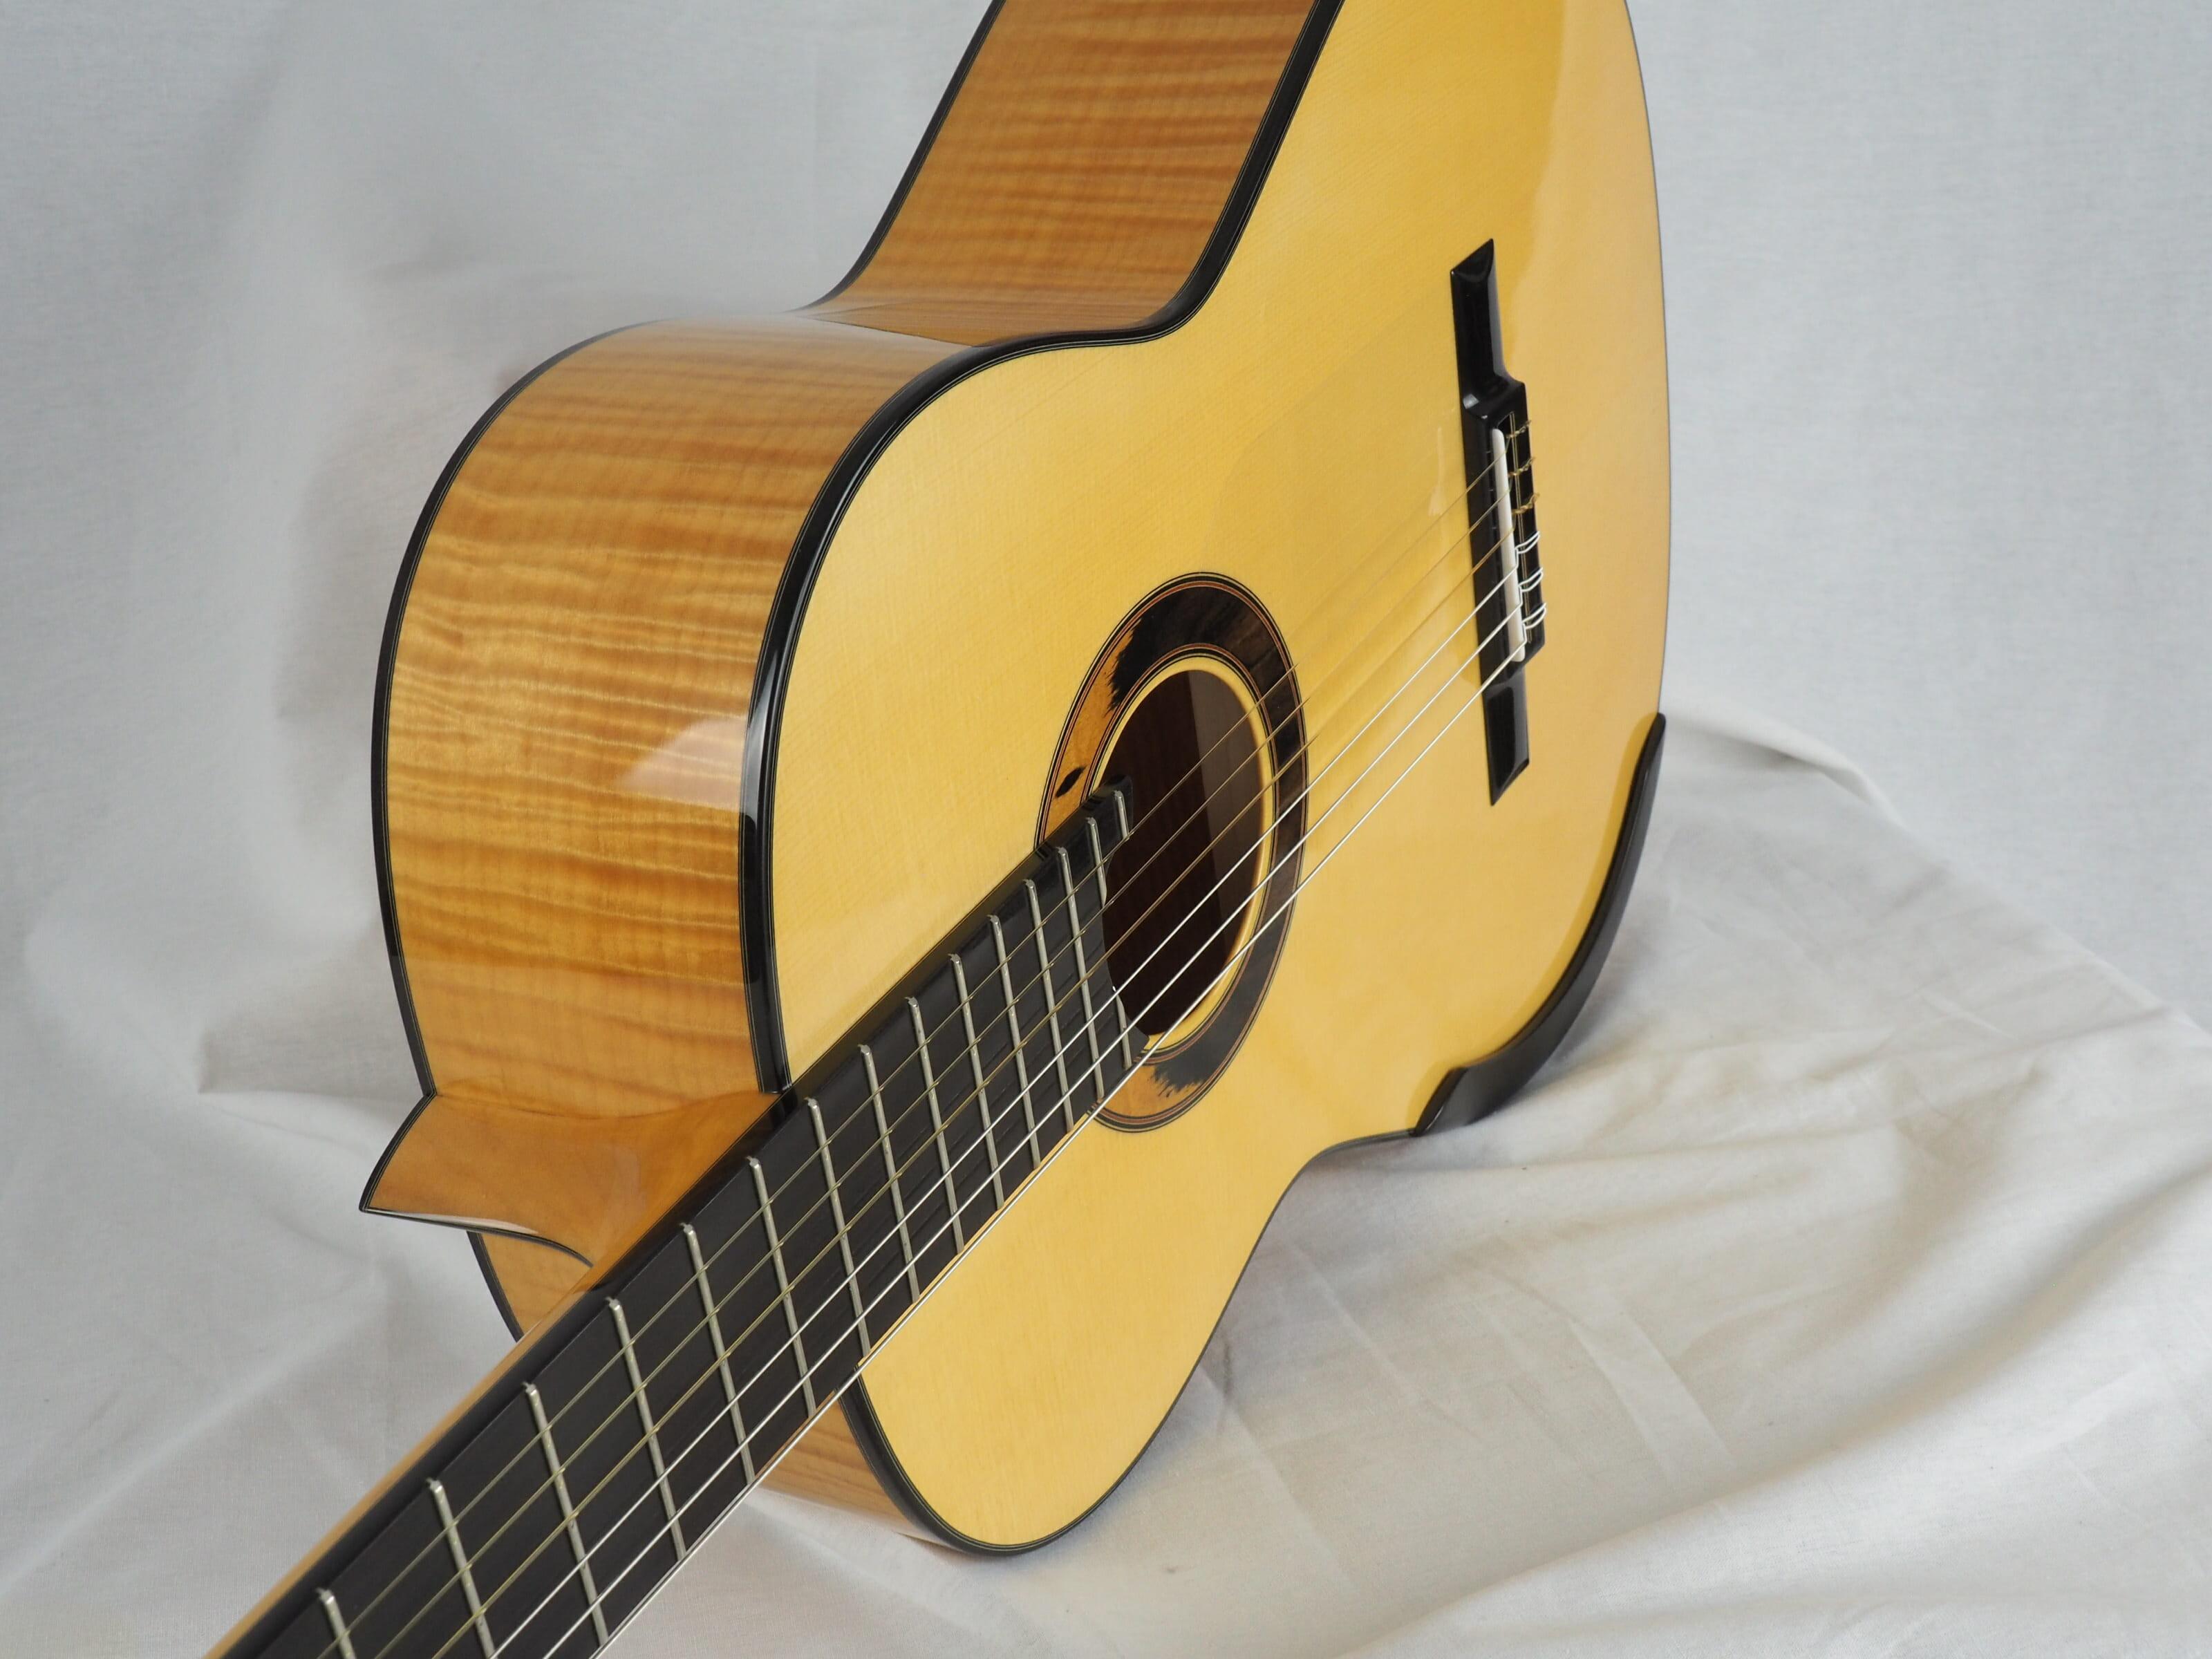 Kim Lissarrague guitare classique luthier No 19LIS311-05